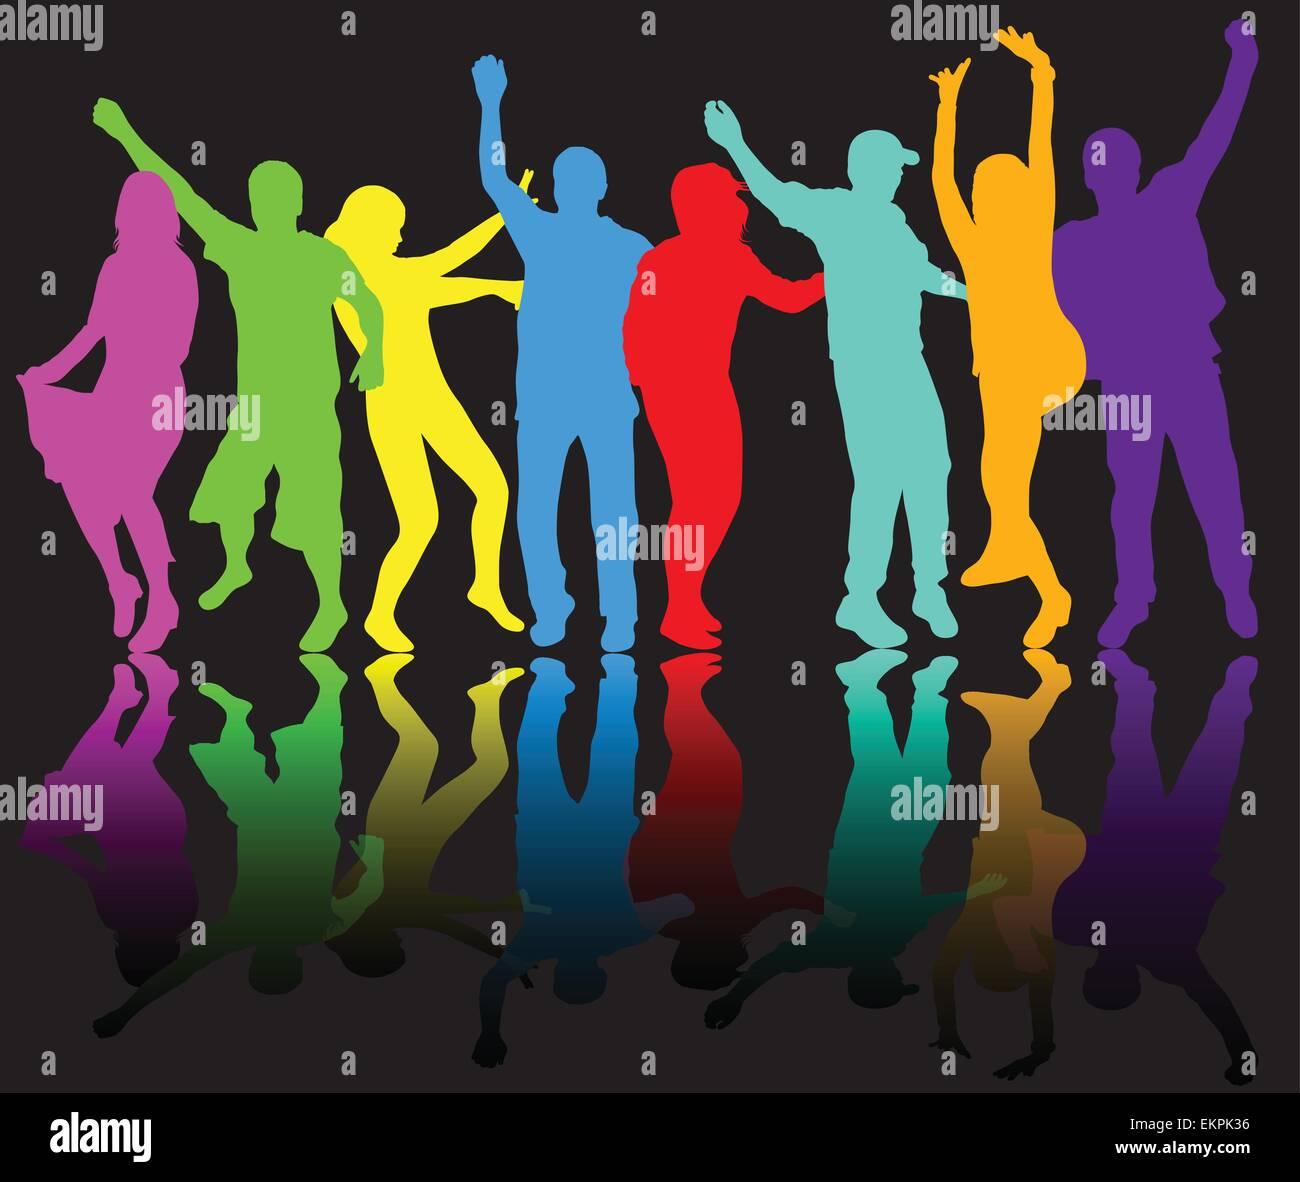 Silhouettes de personnes dansant Illustration de Vecteur